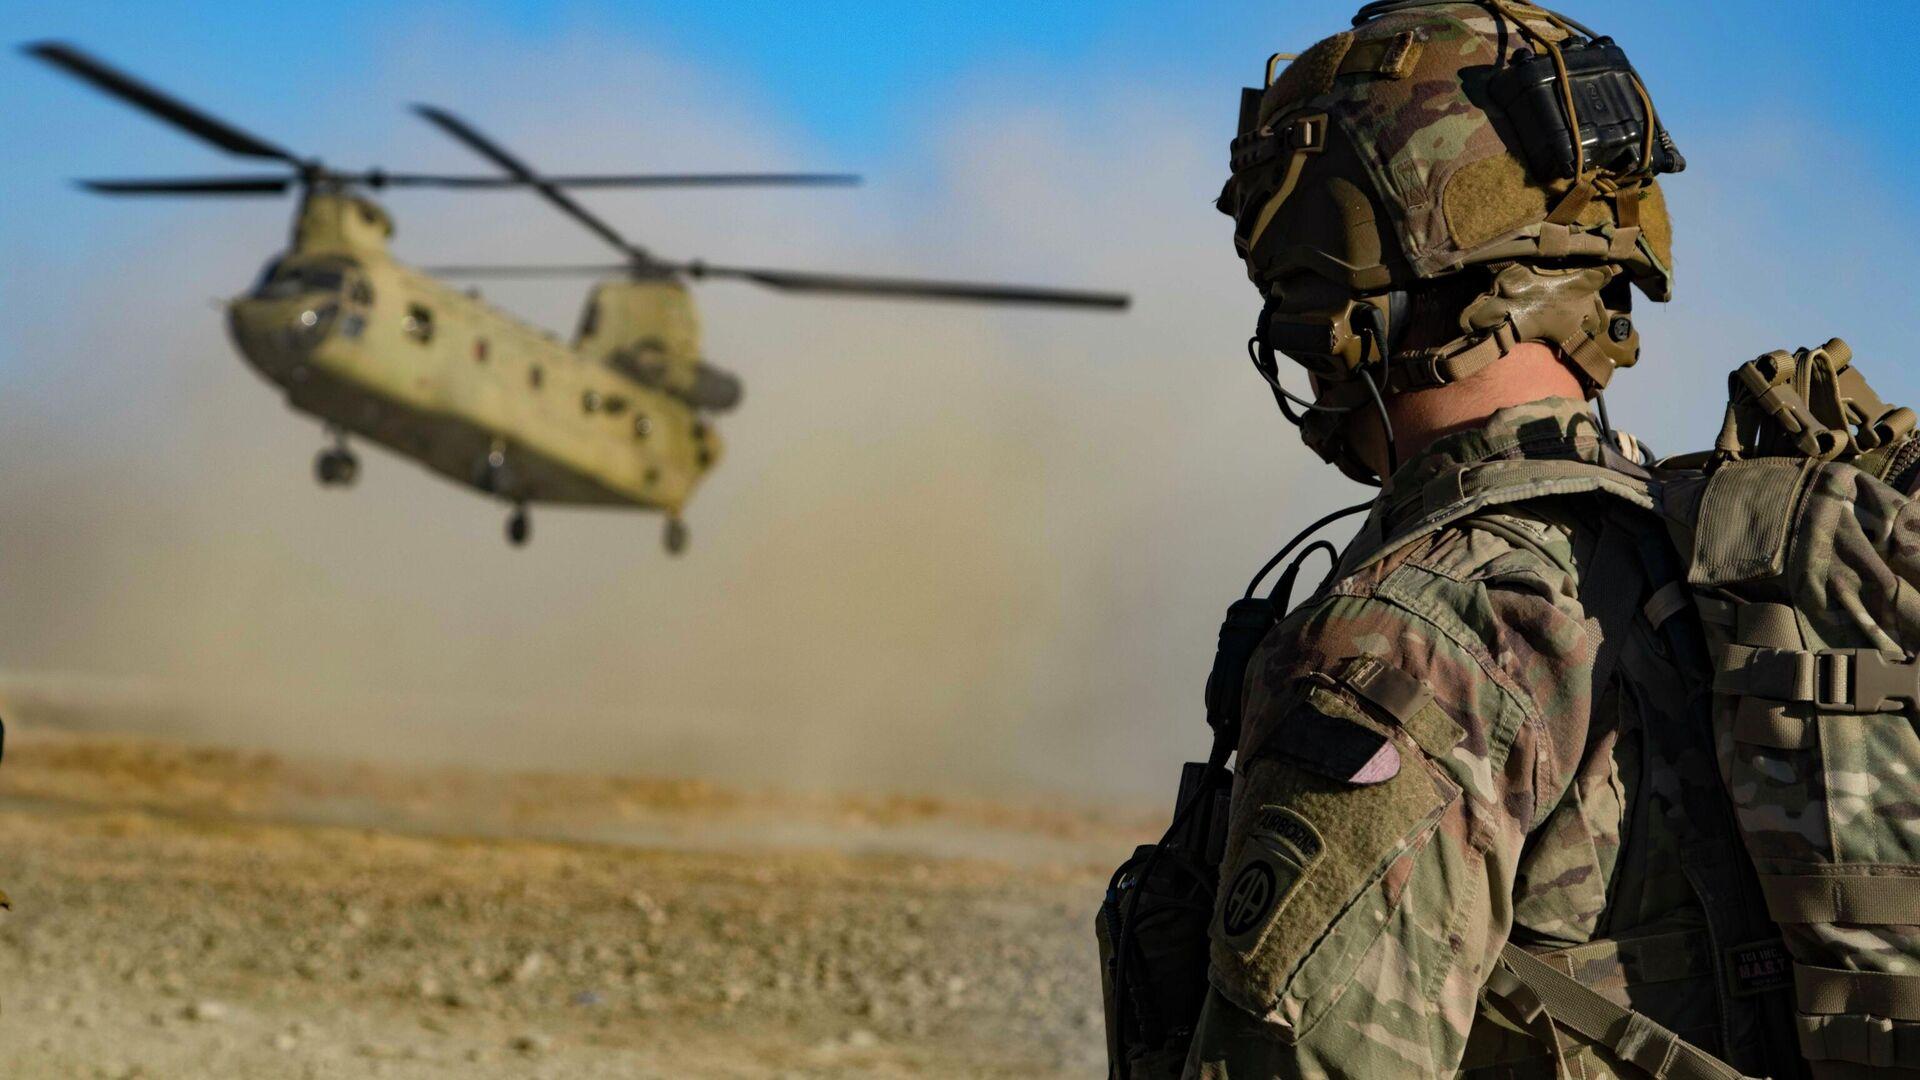 Американские военные на юго-востоке Афганистана - РИА Новости, 1920, 08.05.2021